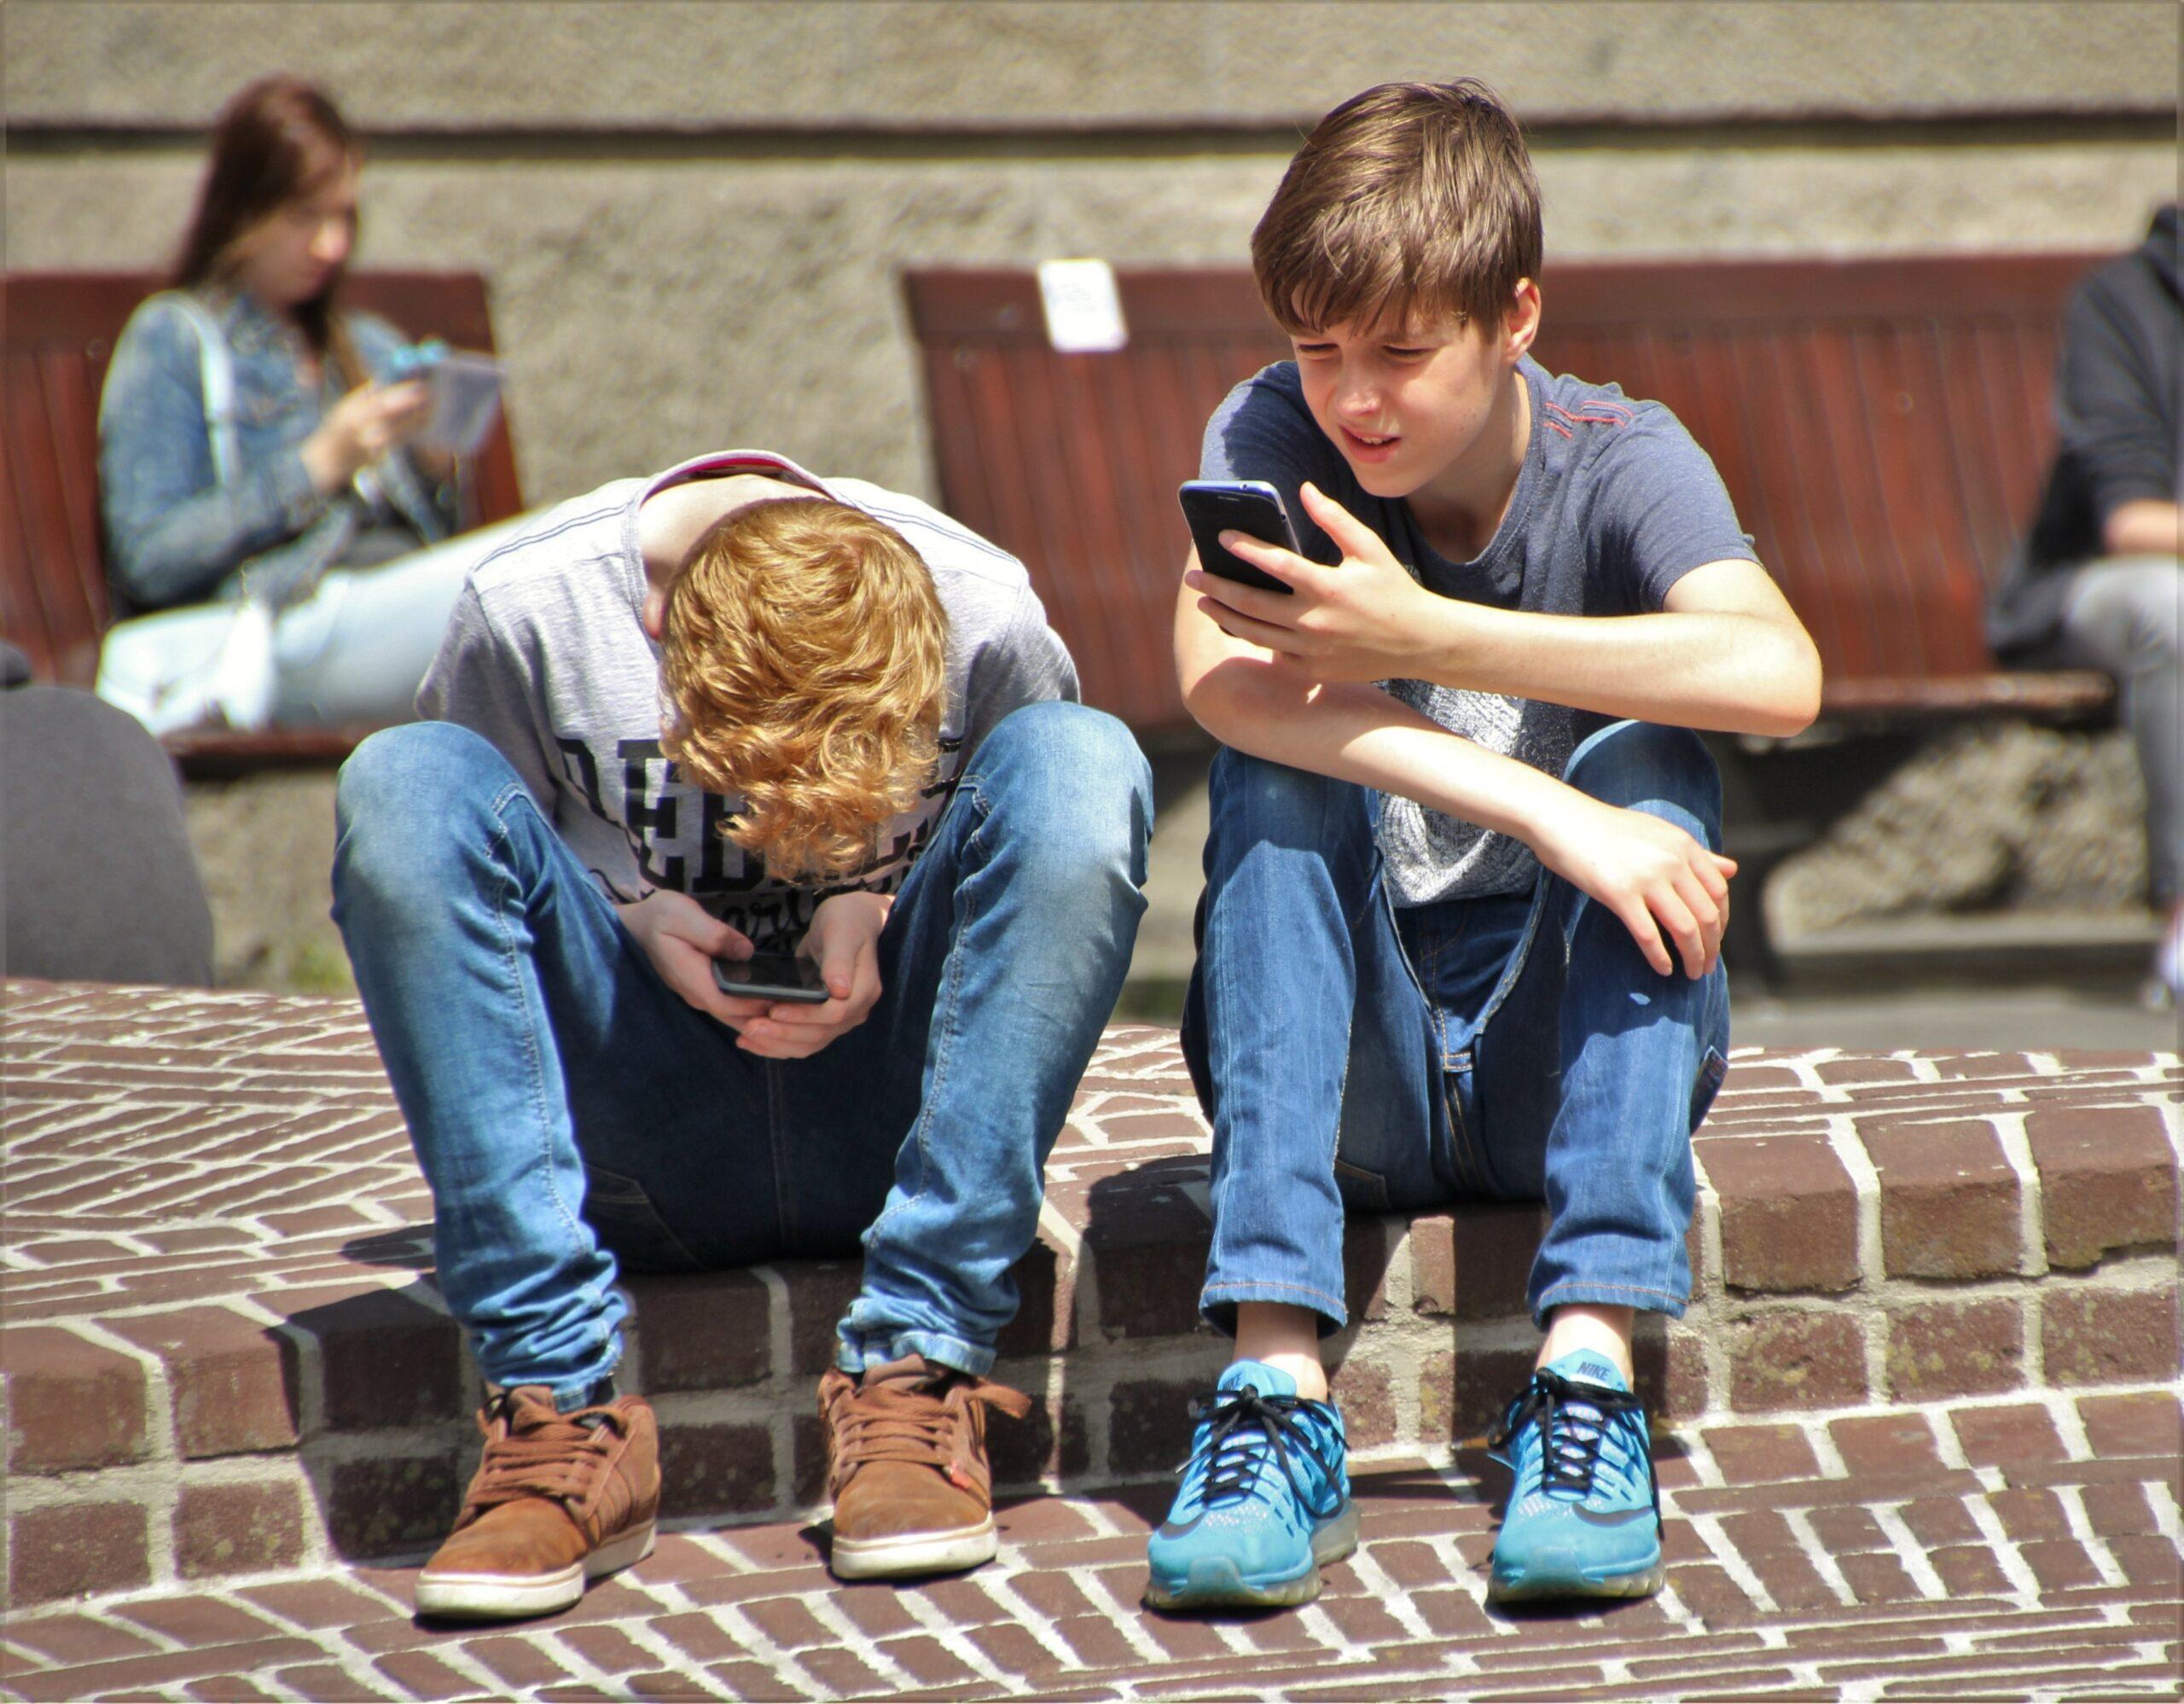 Los trastornos mentales afectan a millones de adolescentes en Latinoamérica